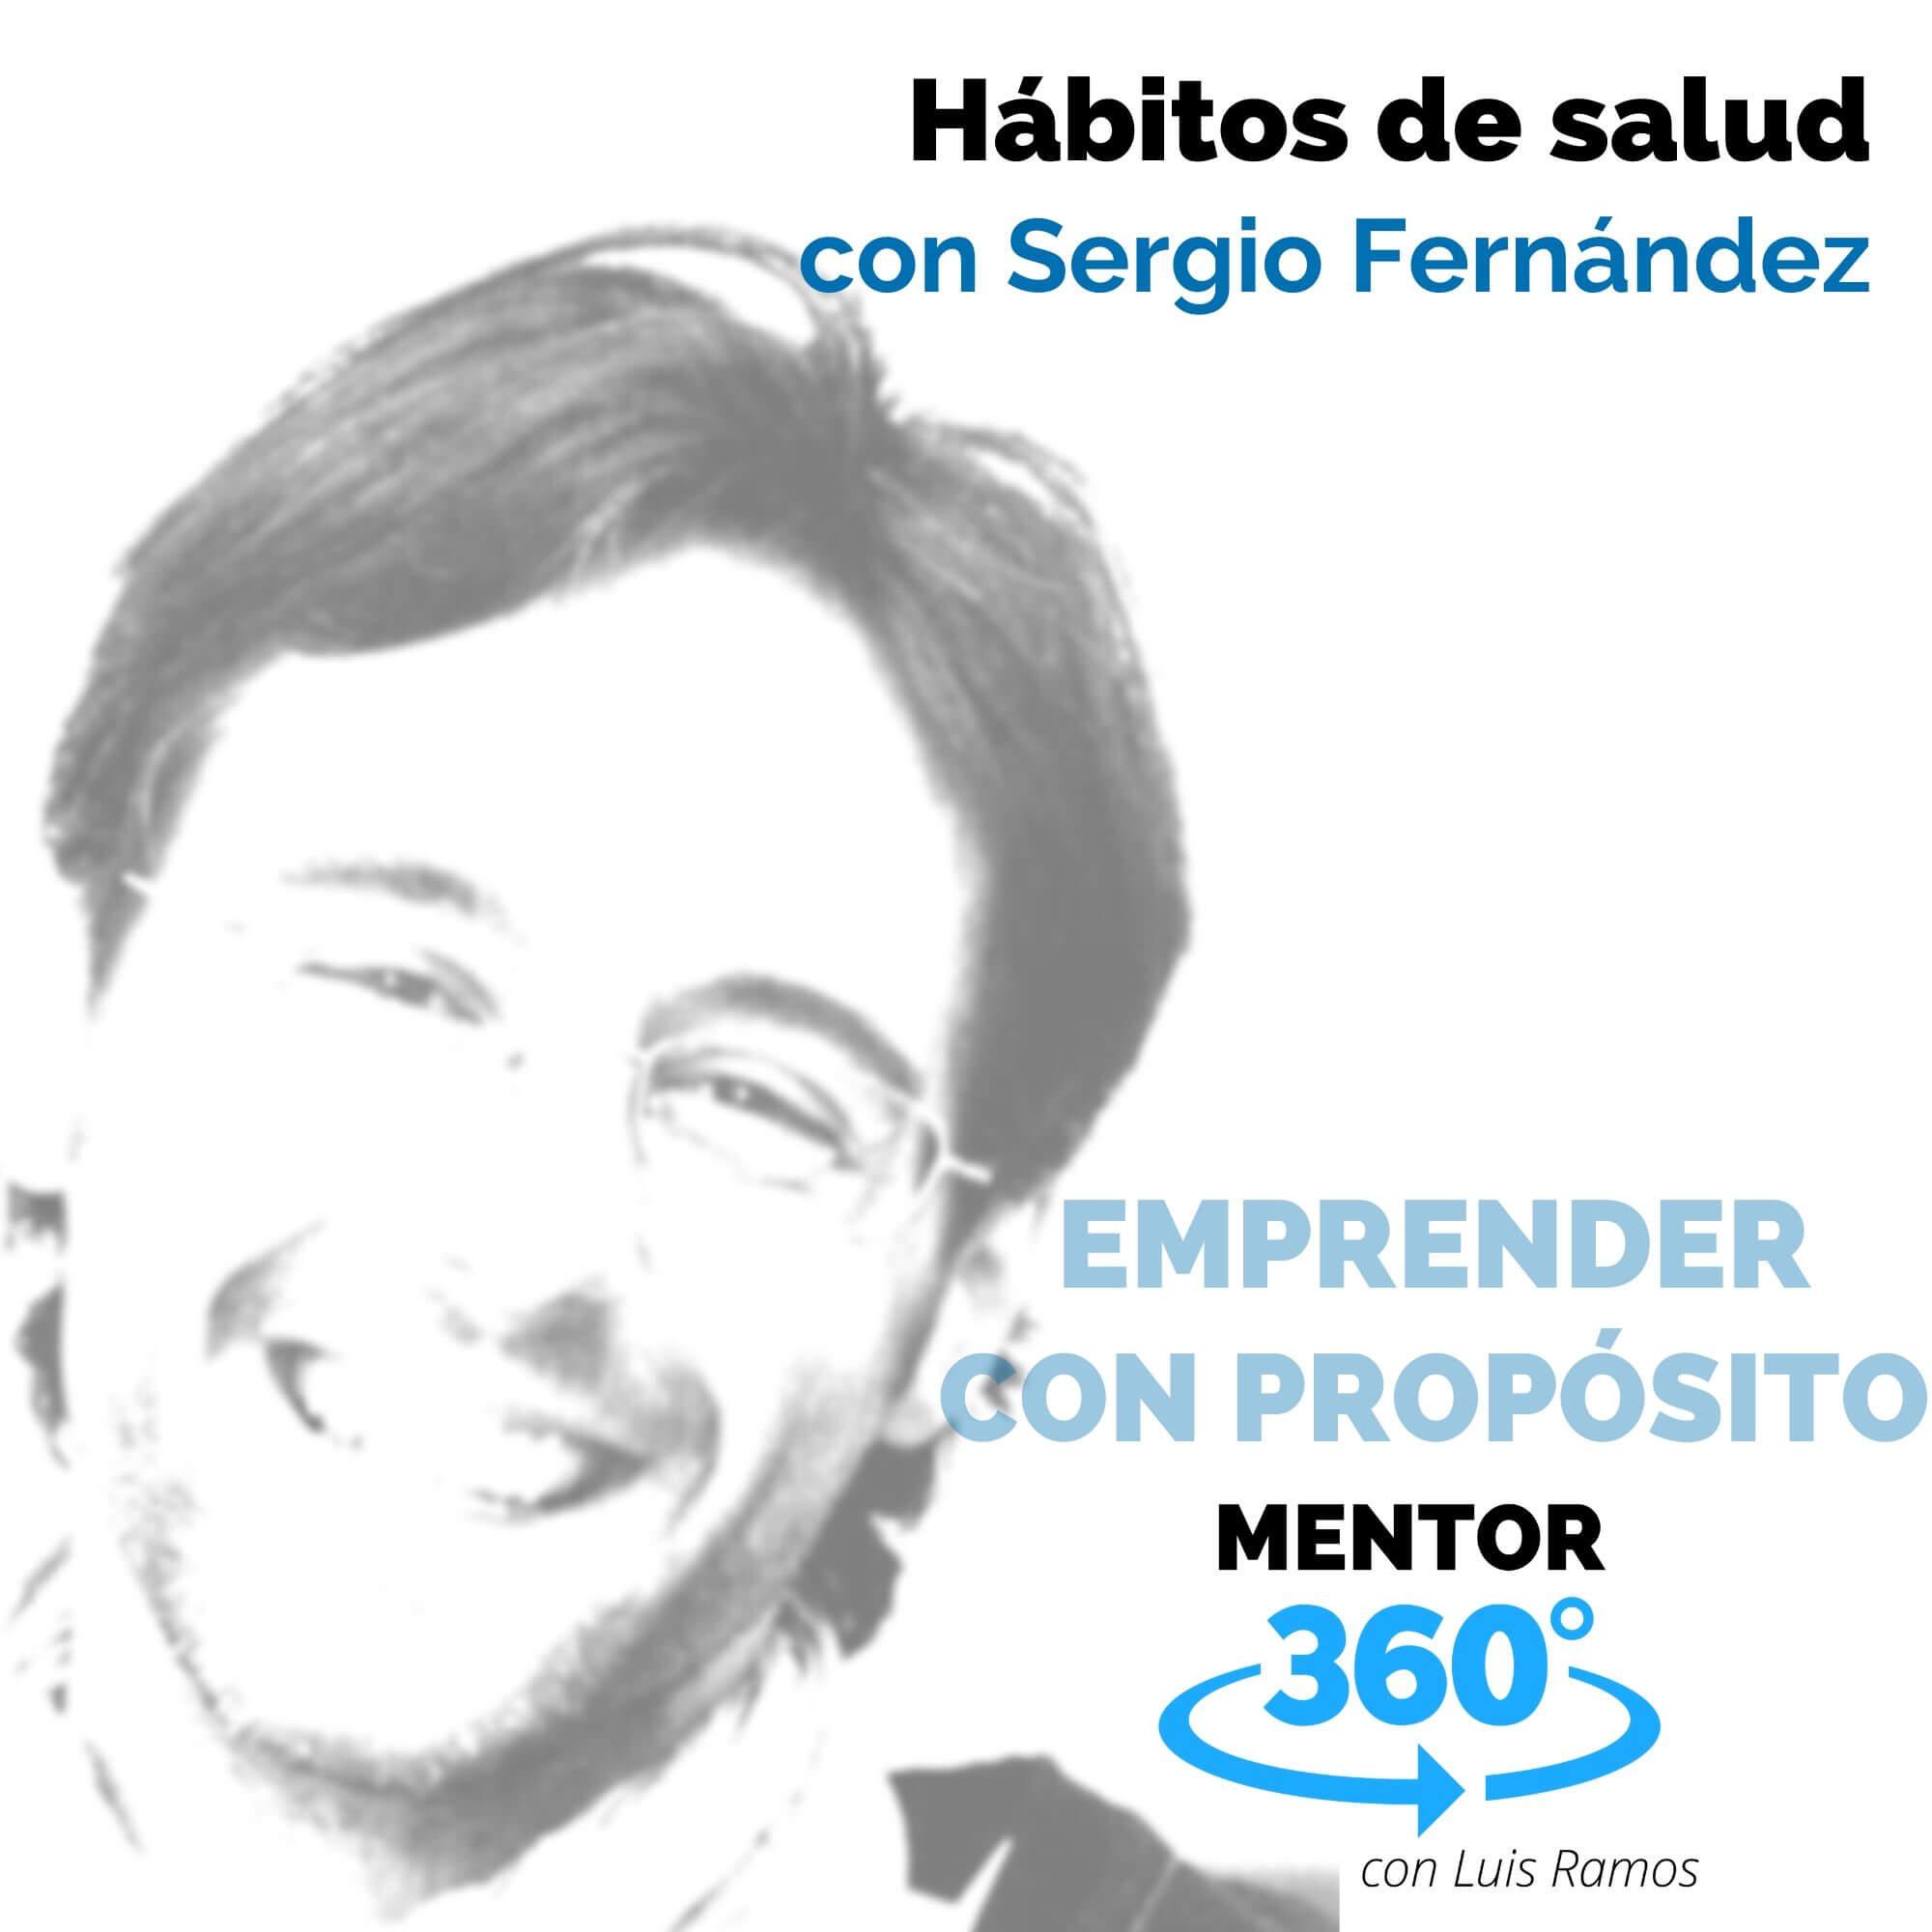 Hábitos de salud, con Sergio Fernández - EMPRENDER CON PROPÓSITO